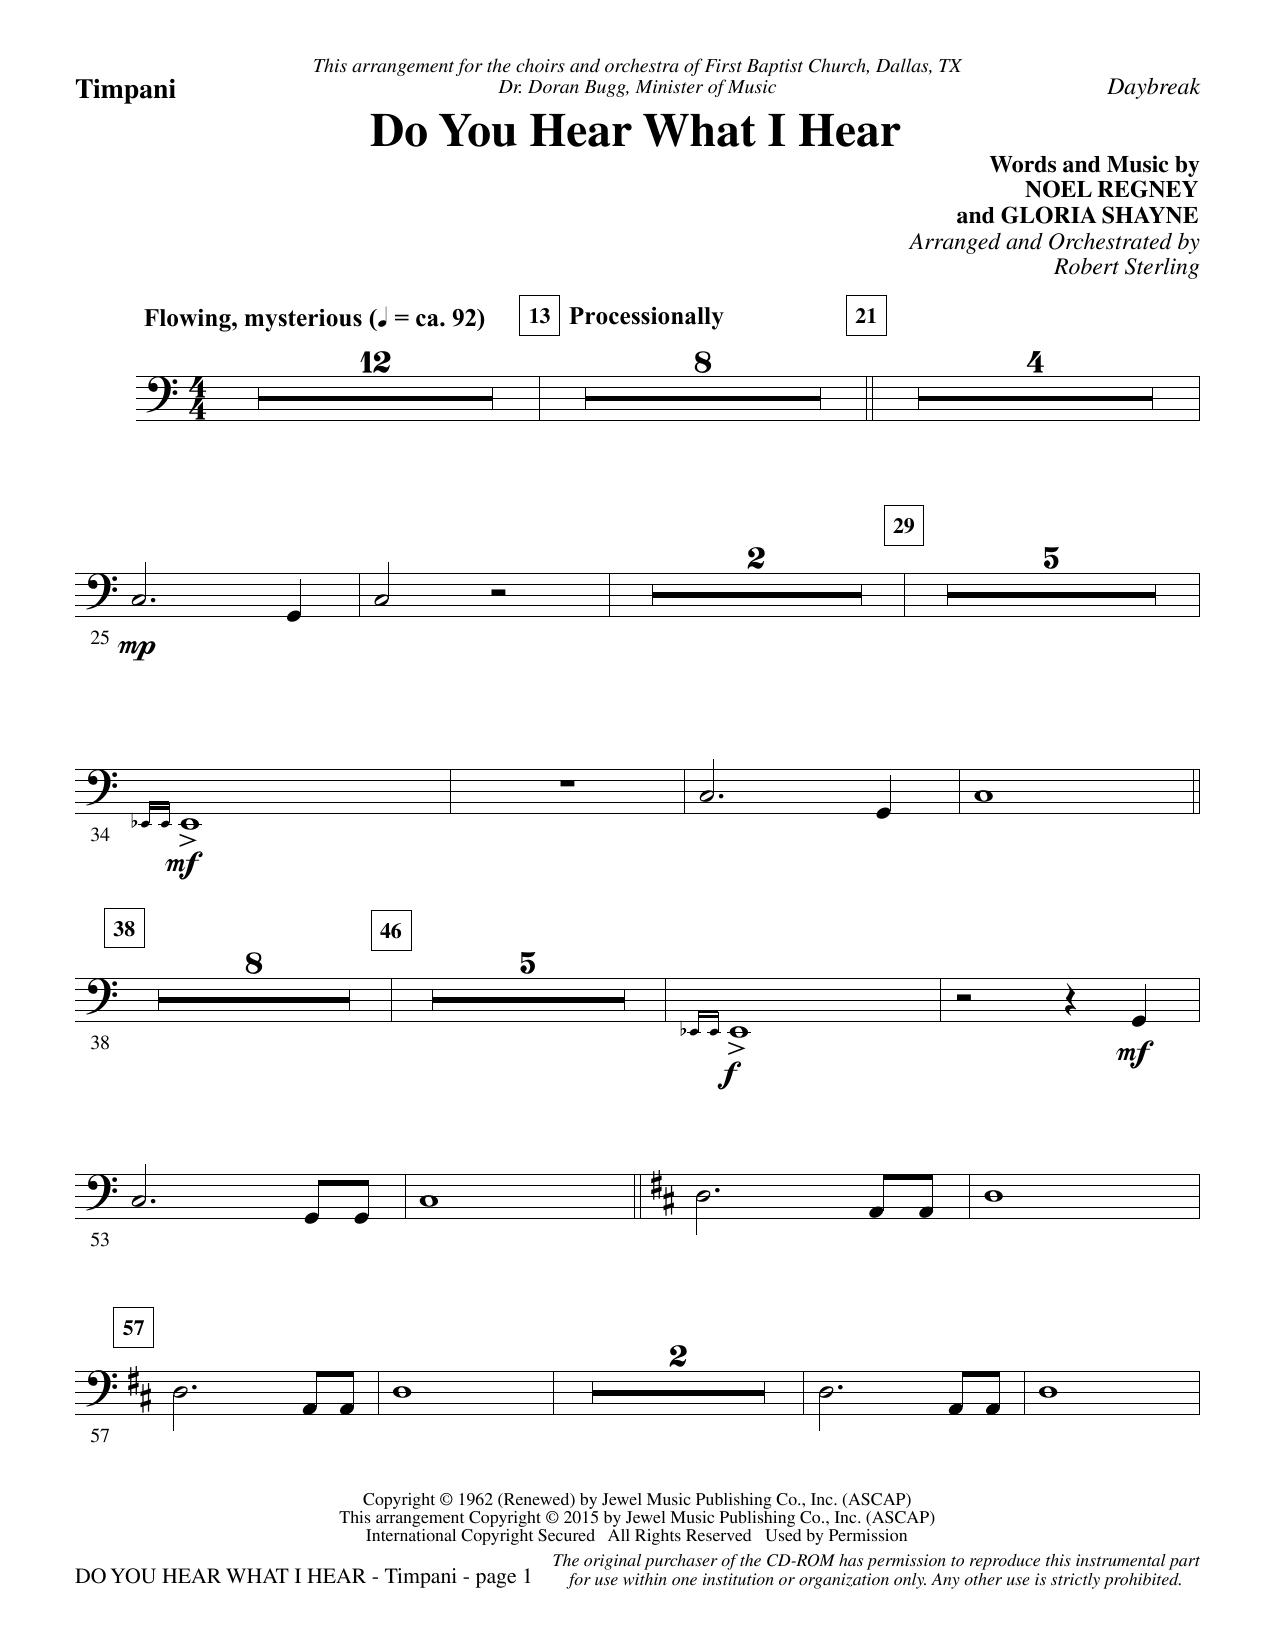 Do You Hear What I Hear - Timpani Sheet Music